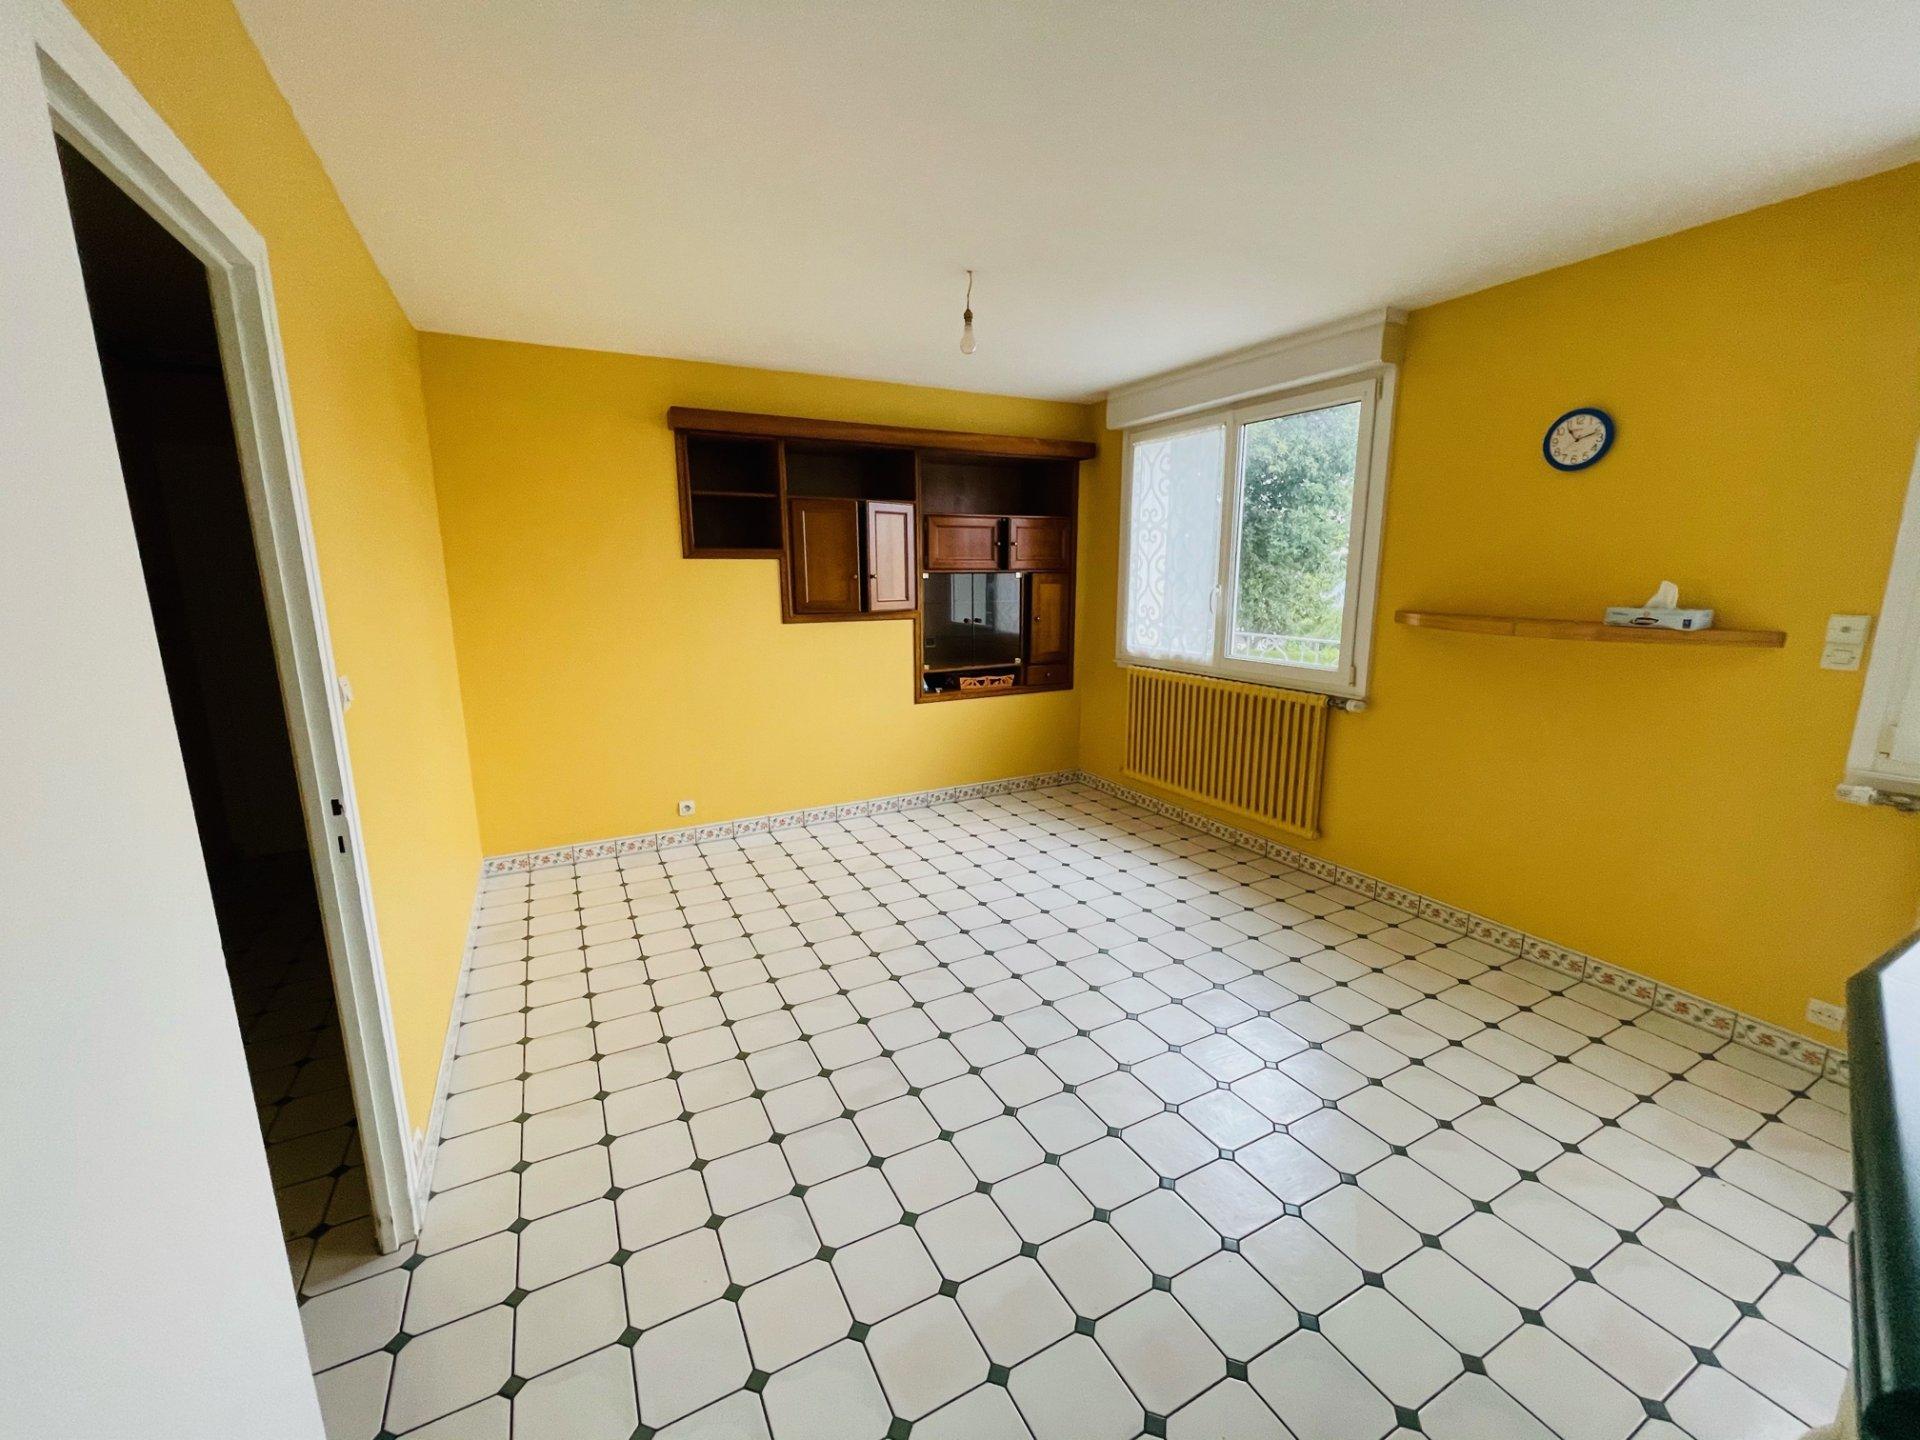 Maison 6 pièces 107m² - Landivisiau